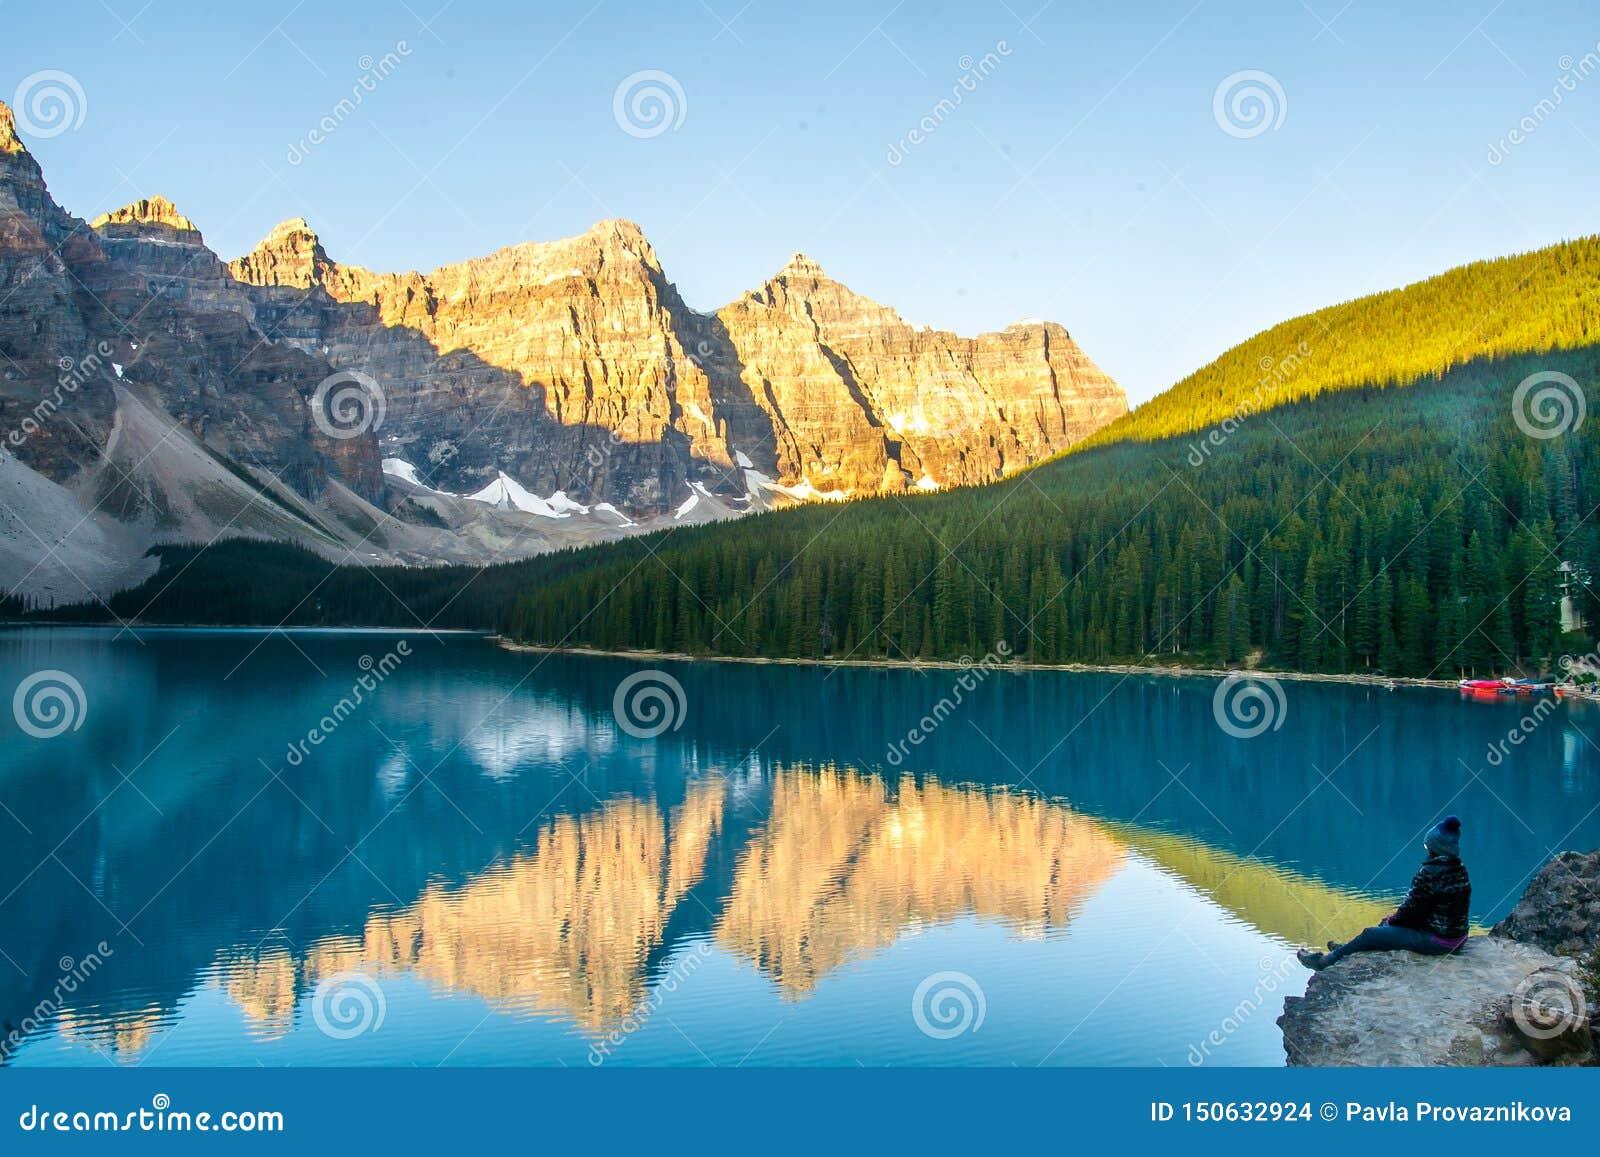 Vista emocionante del lago moraine y cordillera en Rocky Mountains